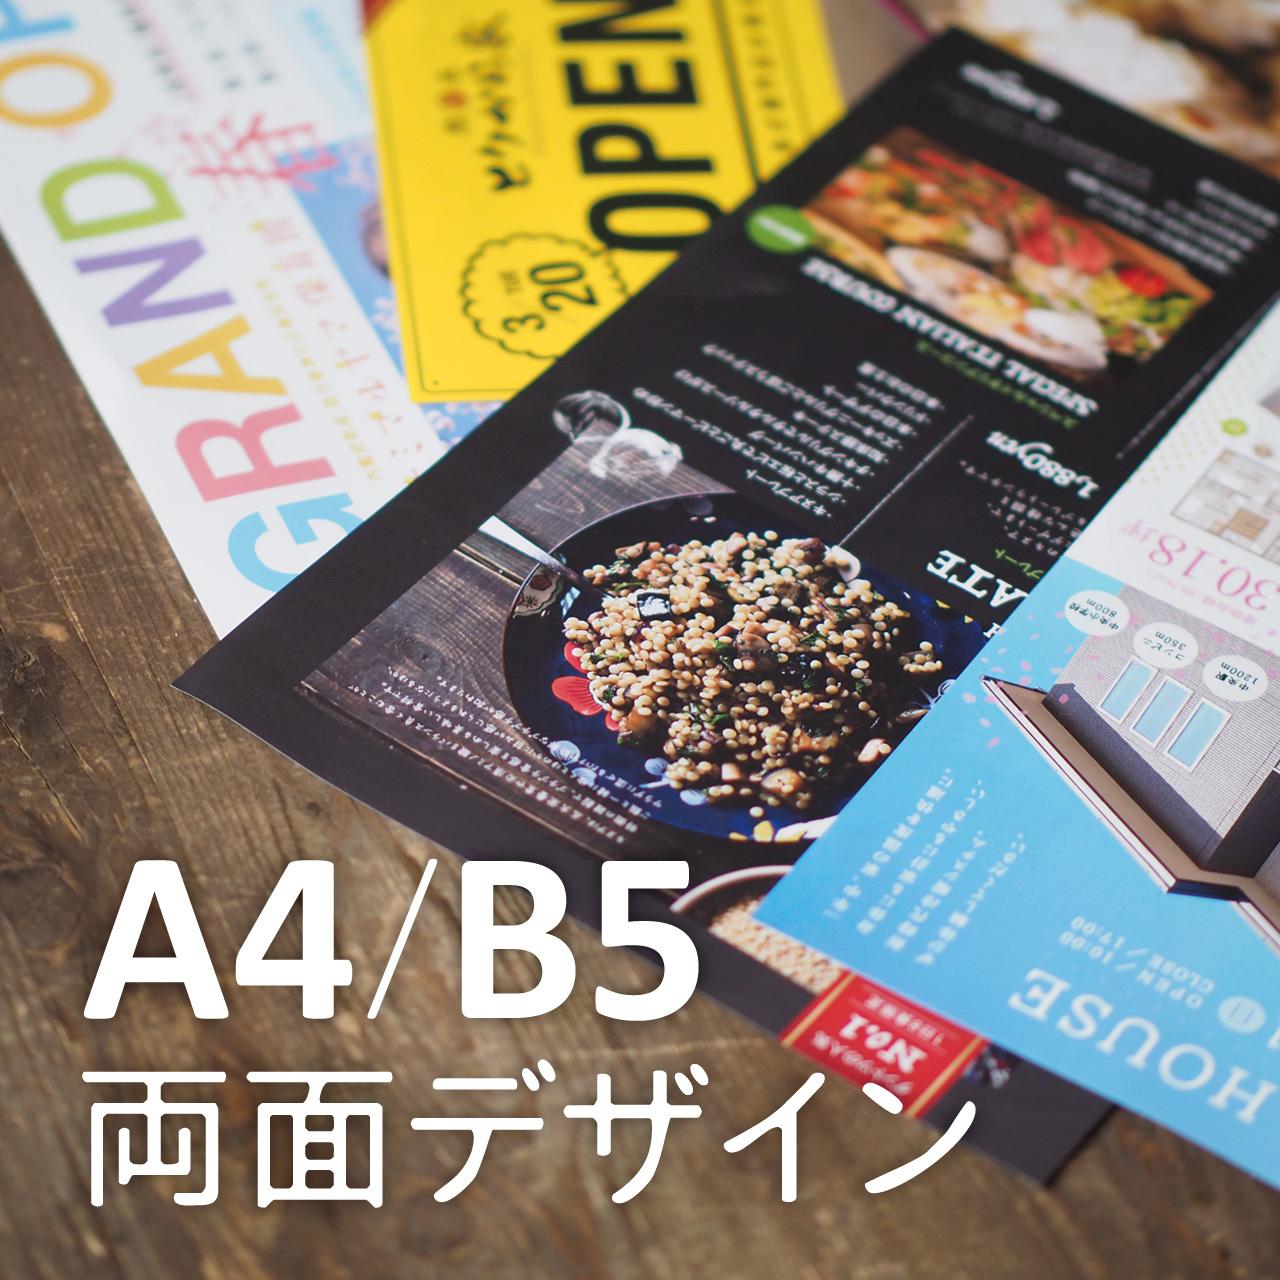 A4/B5チラシ・フライヤーデザイン【両面フルカラー】